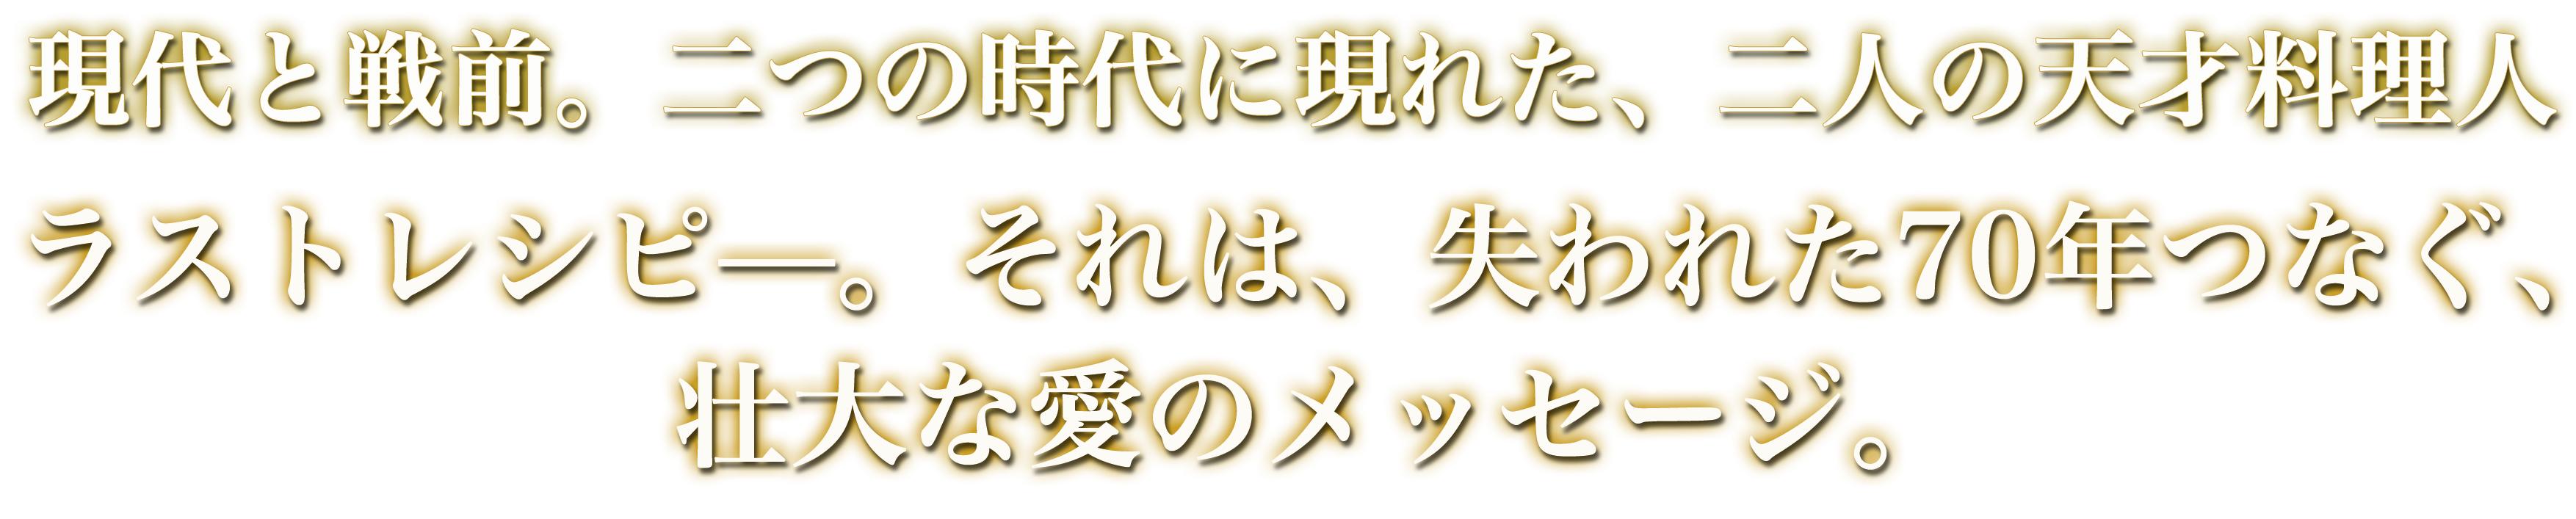 http://www.suncityhall.jp/LR%E2%91%A2.jpg